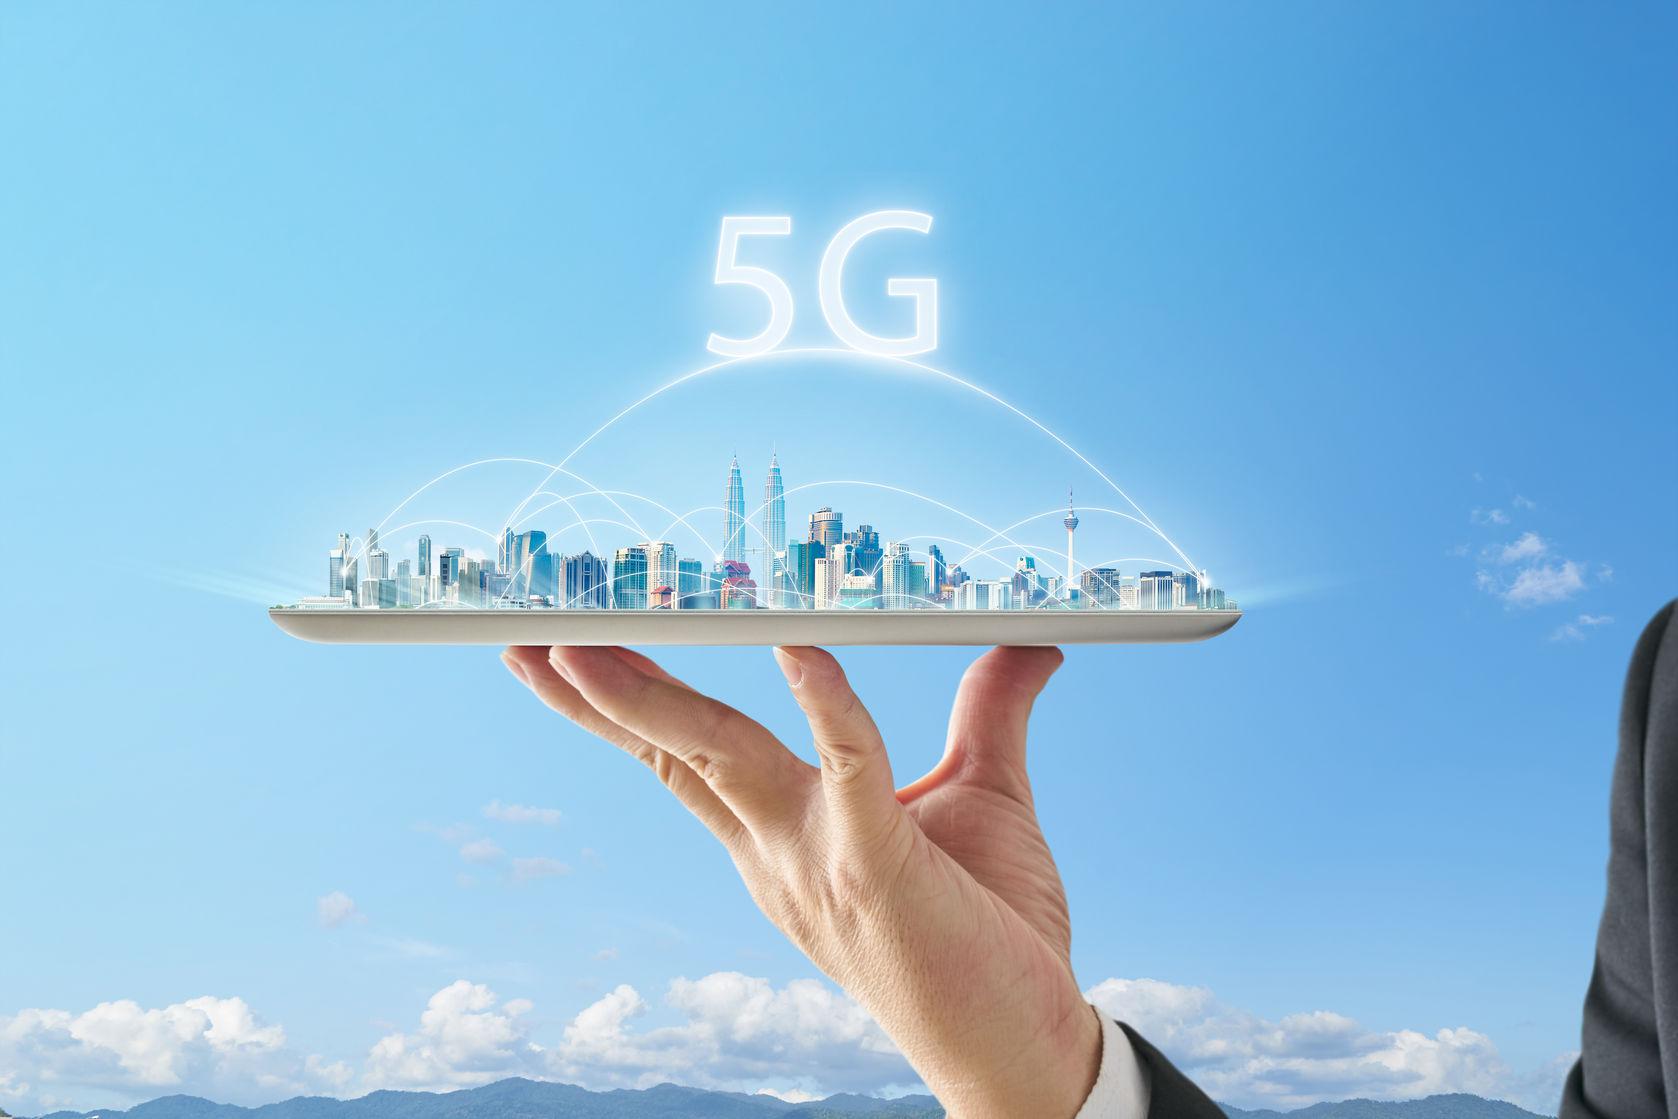 5G网络建设稳步推进 机构:这些个股有望持续获益